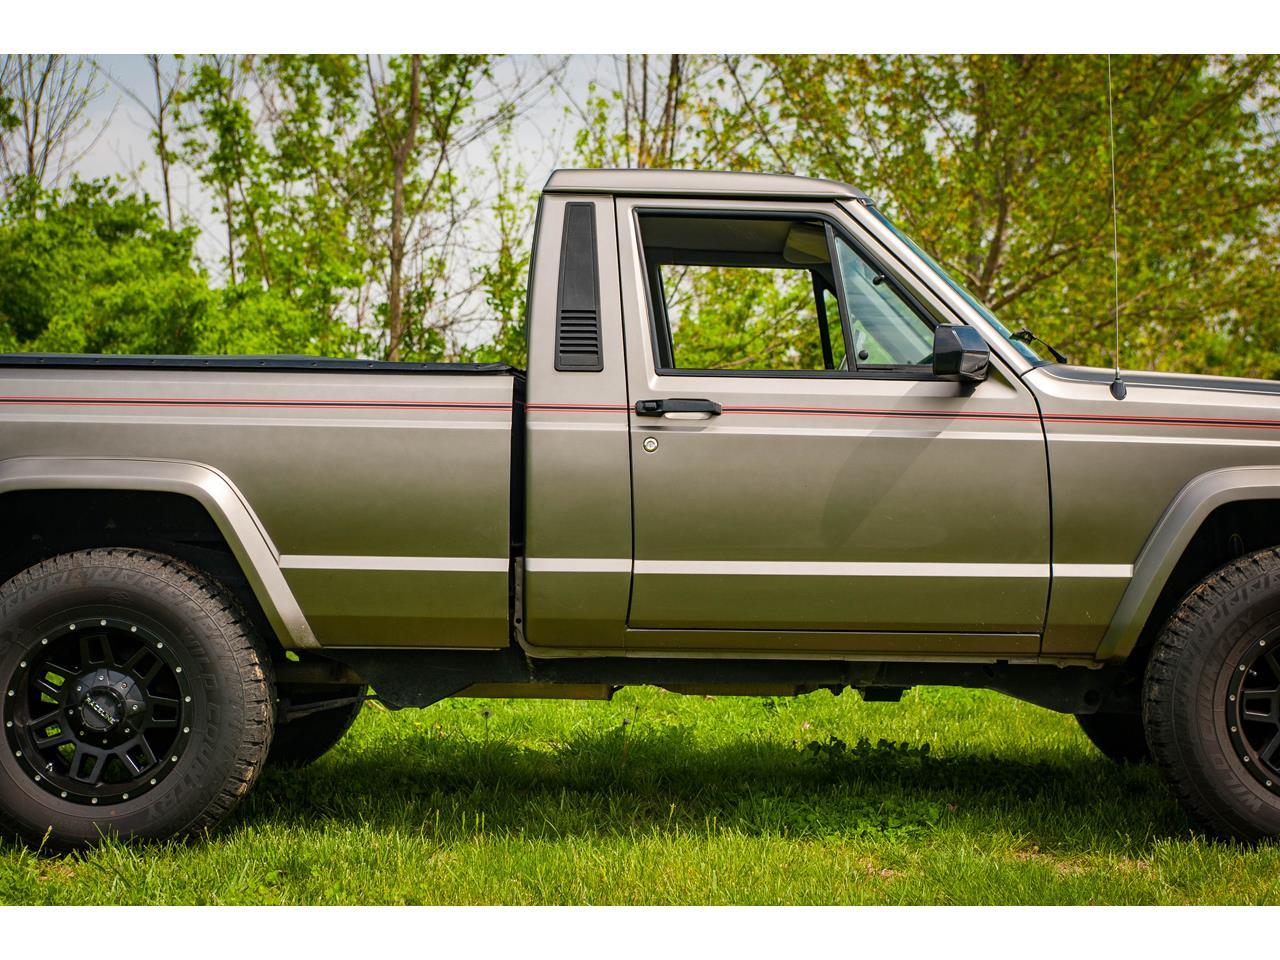 Large Picture of 1990 Jeep Comanche located in Illinois - QB8P